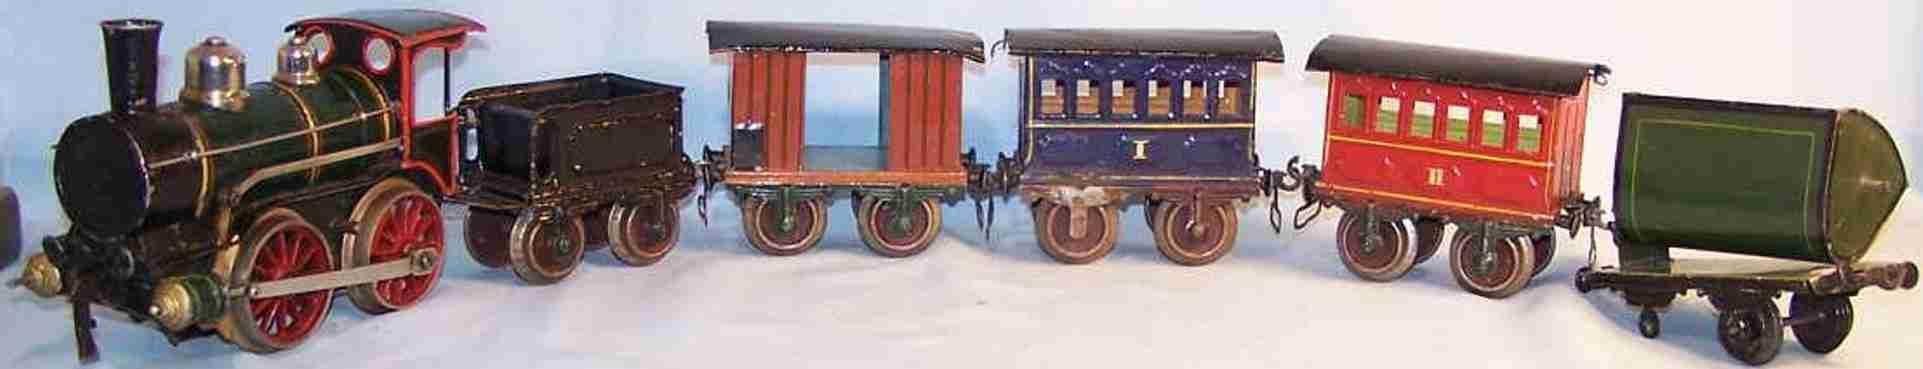 maerklin eisenbahn uhrwerklokomotive mit tender und wagen